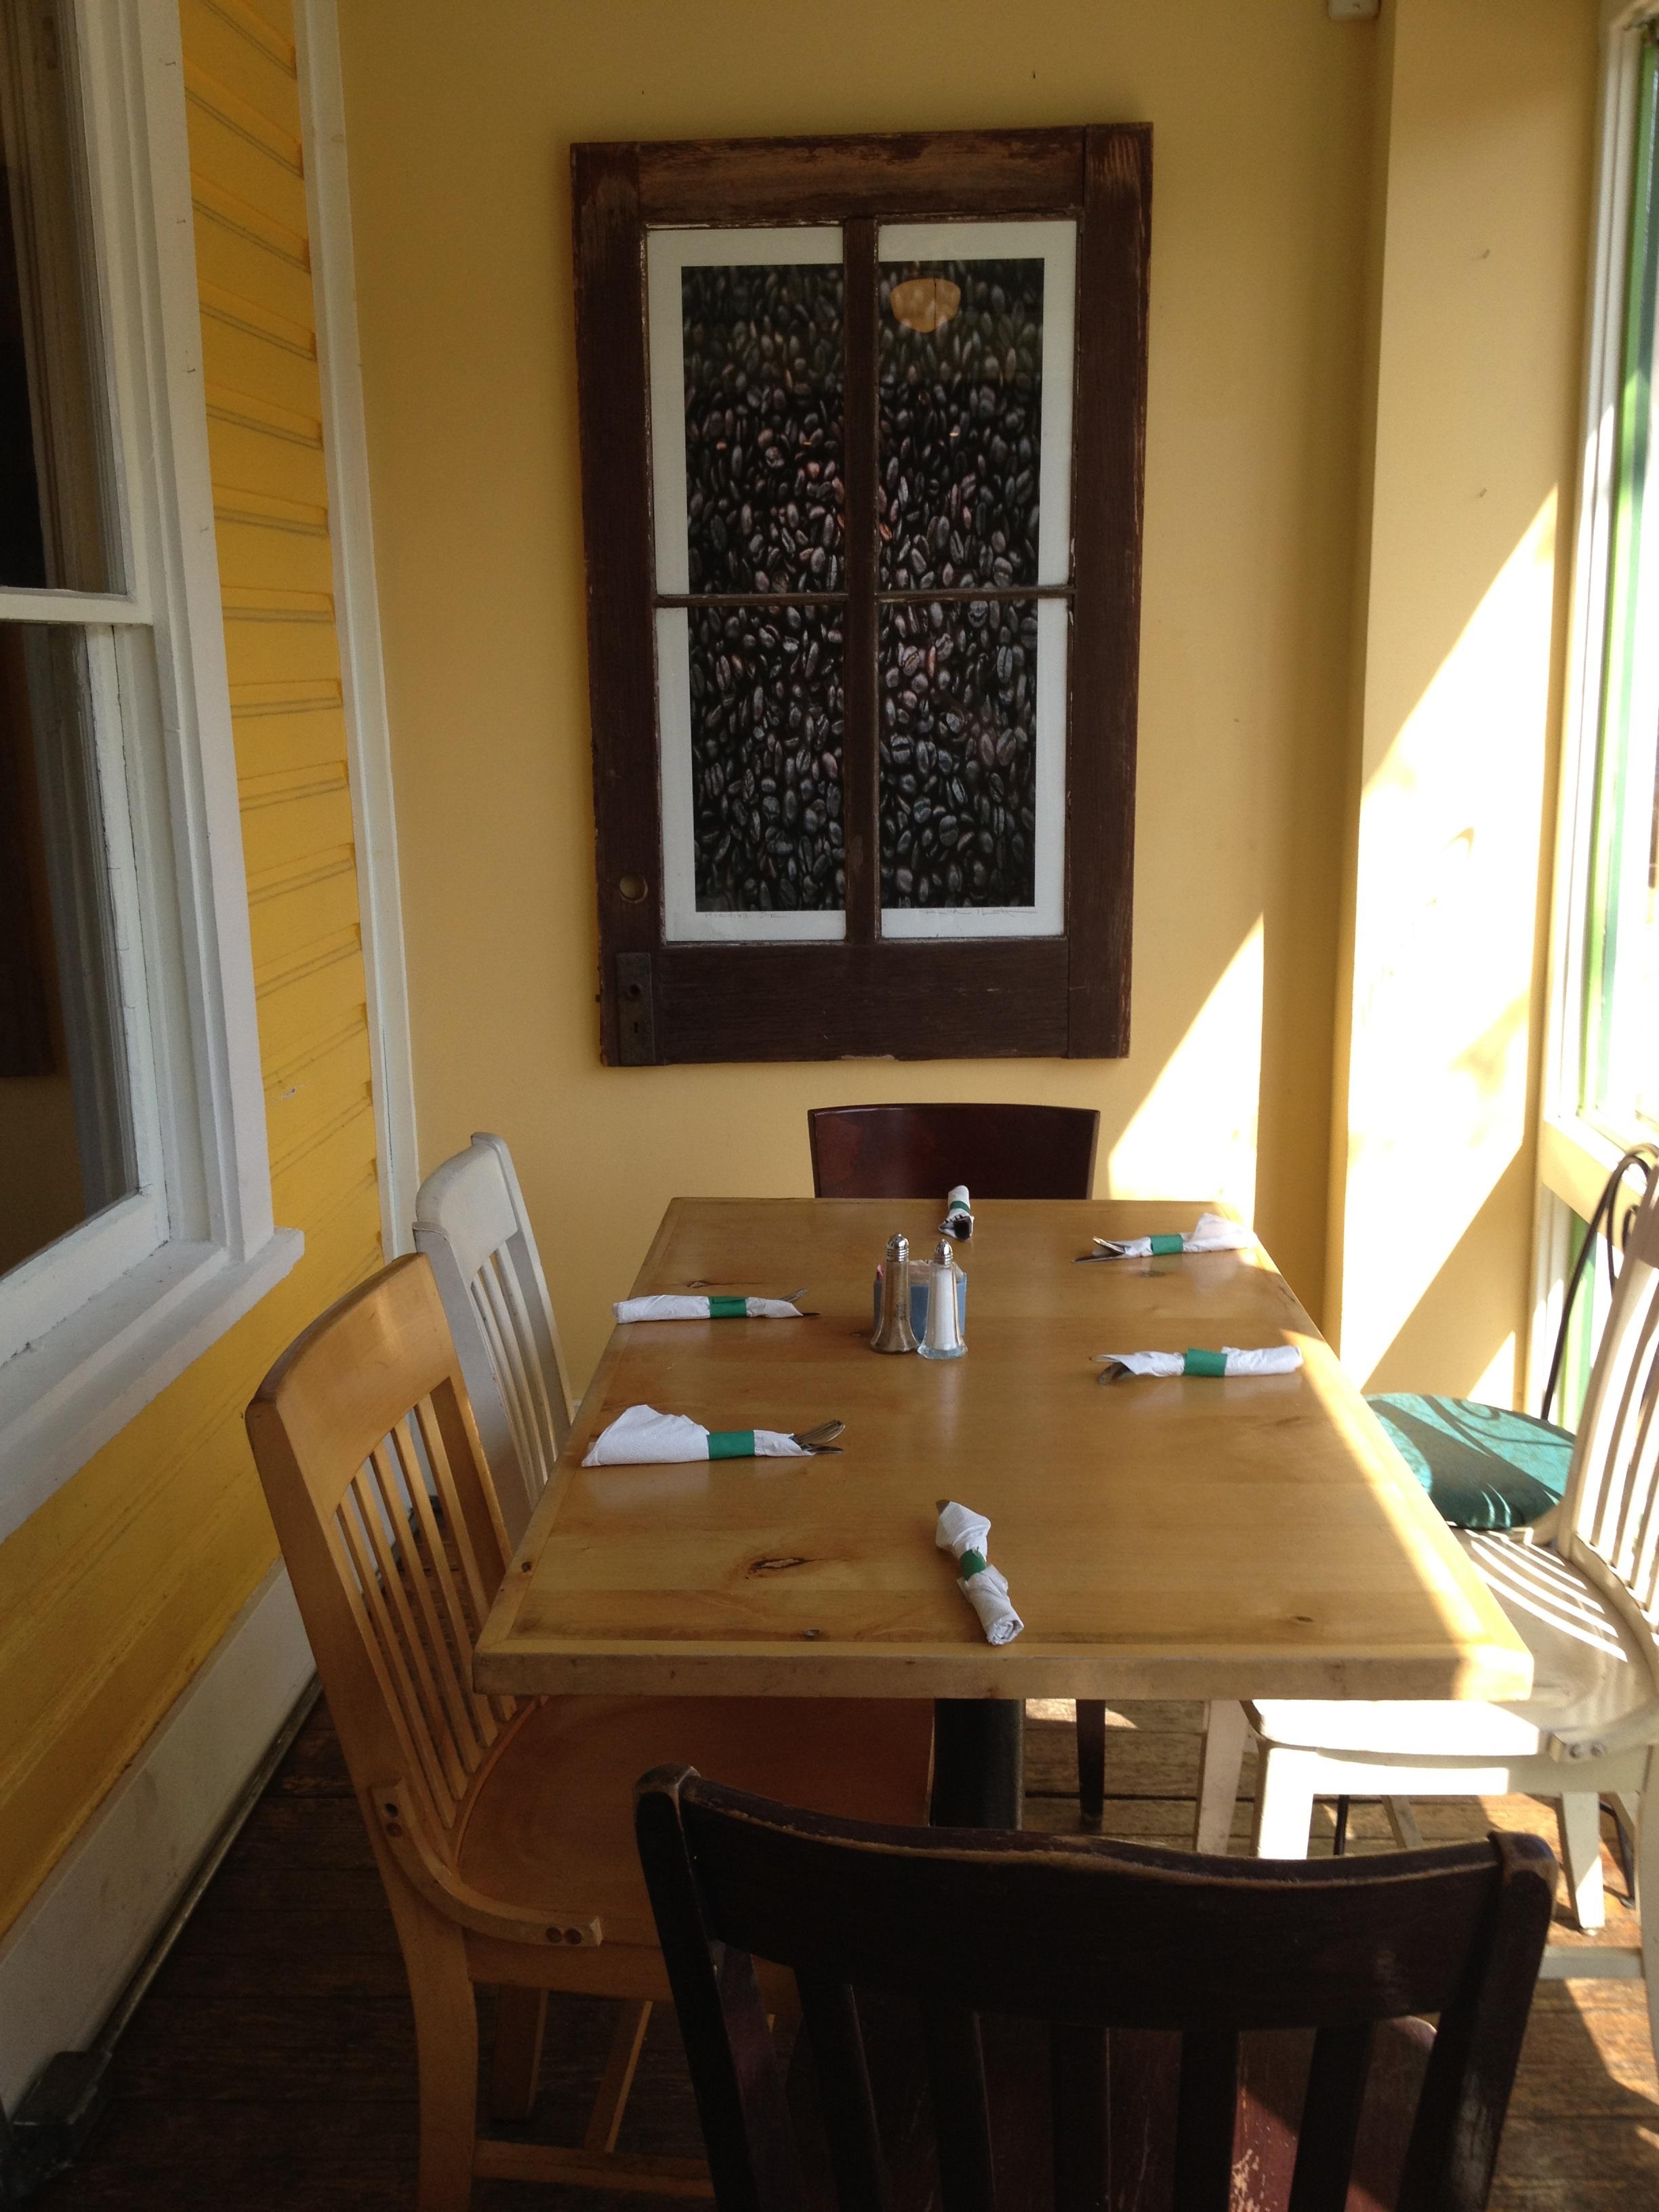 Bildet : bord, tre, hus, gulv, hjem, tak, hytte, eiendom, stue, m?bler, rom, leilighet ...